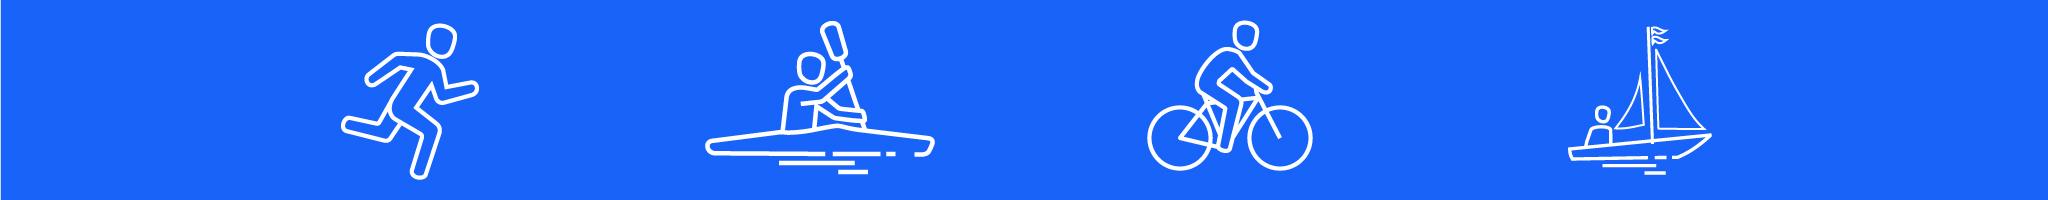 Banner_BluE_Thin2